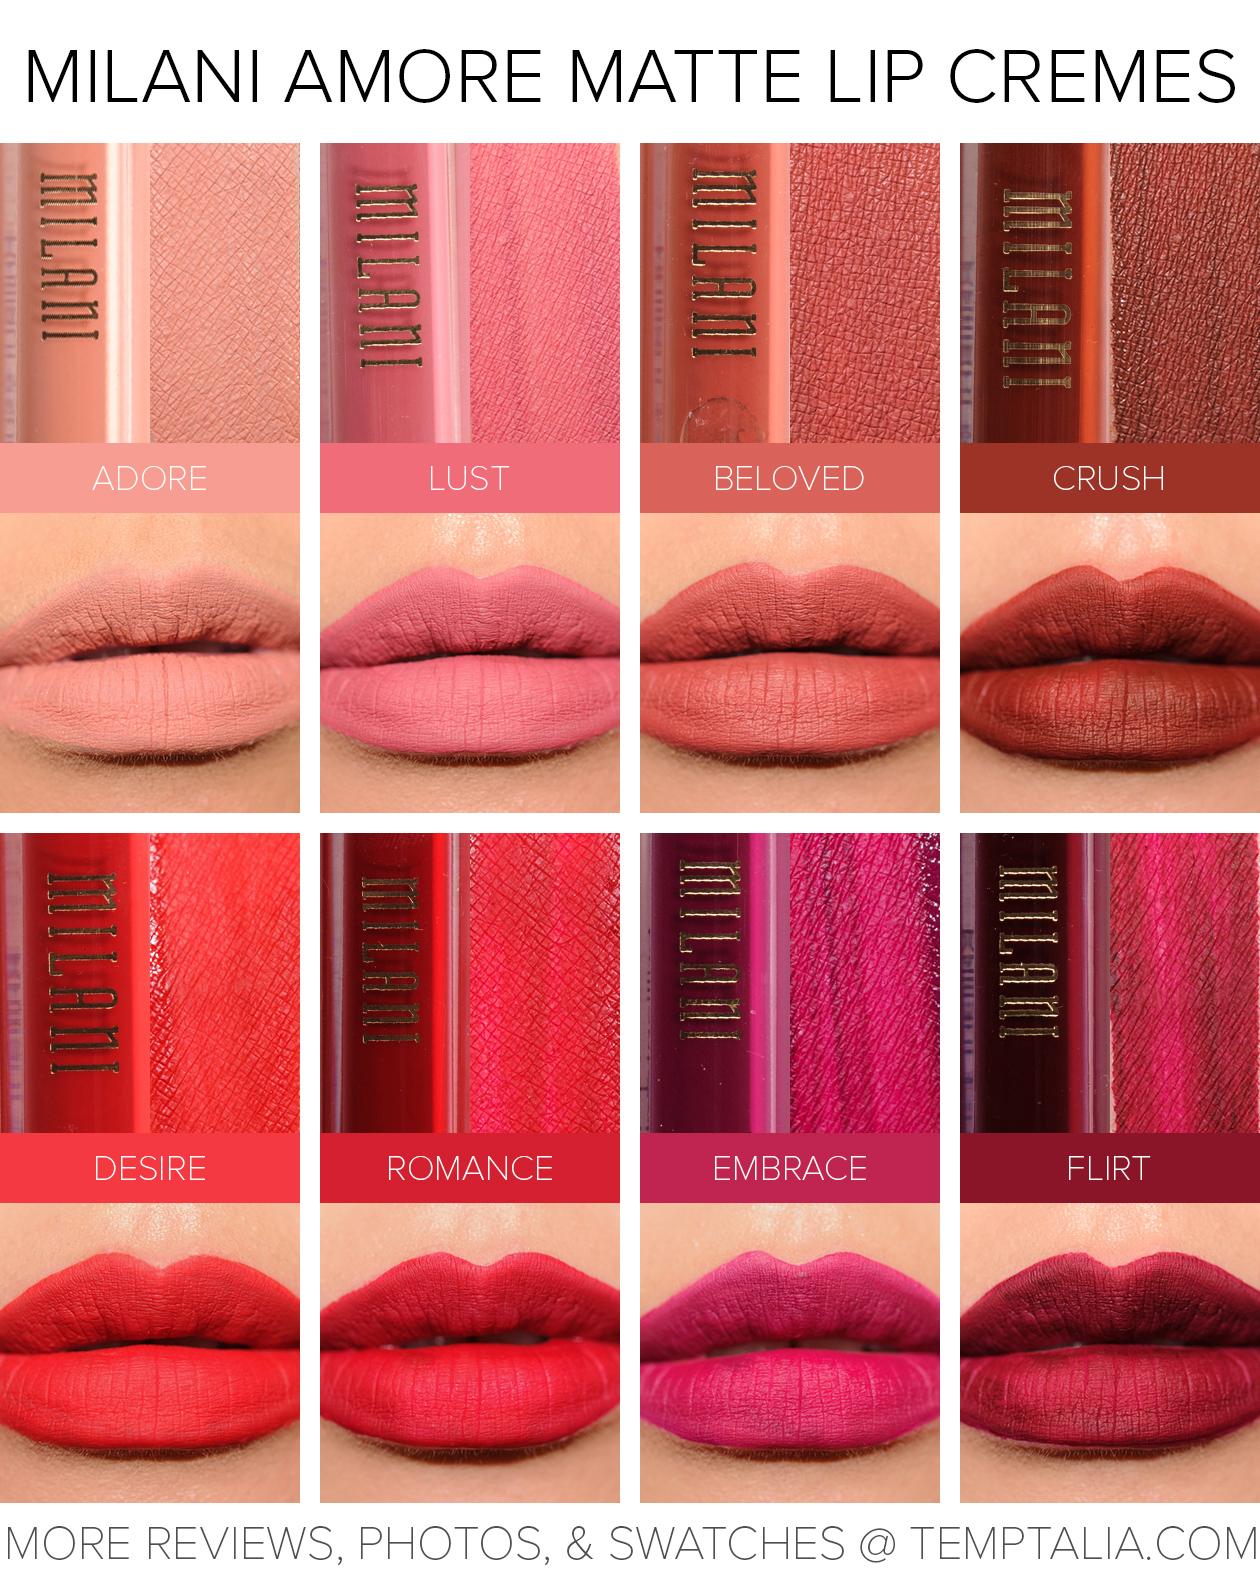 New Mac Lipstick Shades